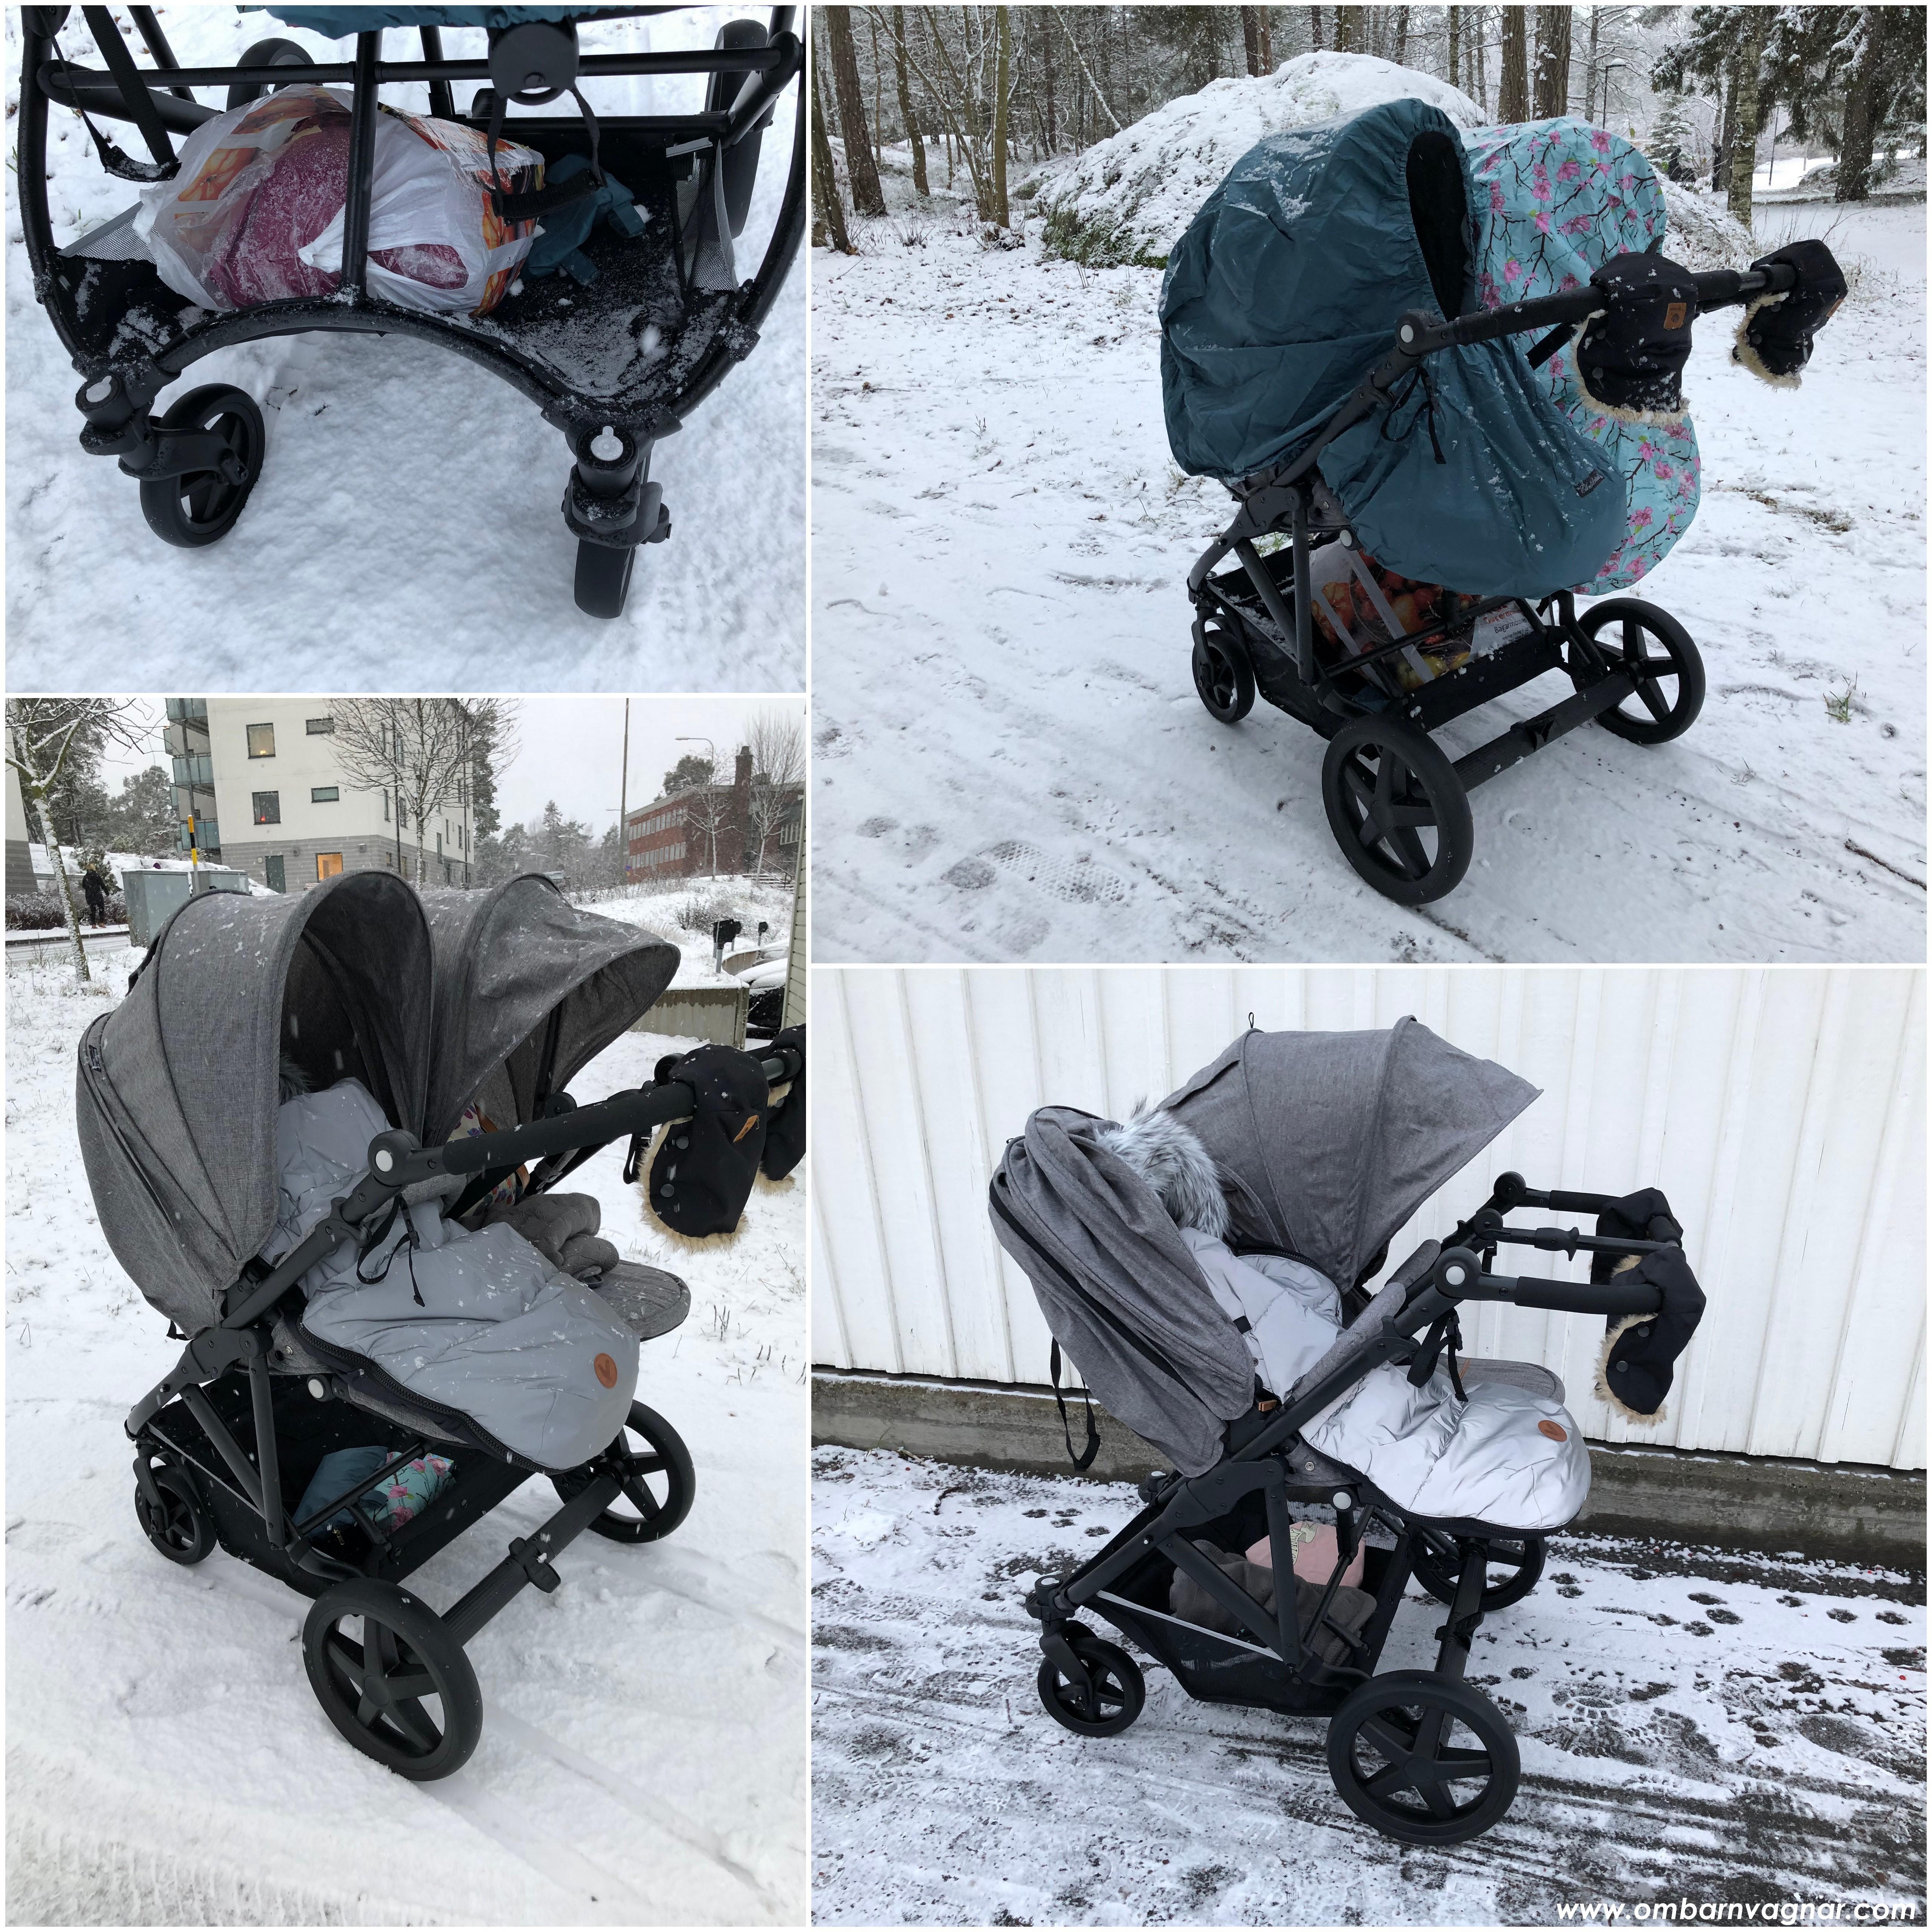 Basson Duo 2019 körkänsla i snö och terräng